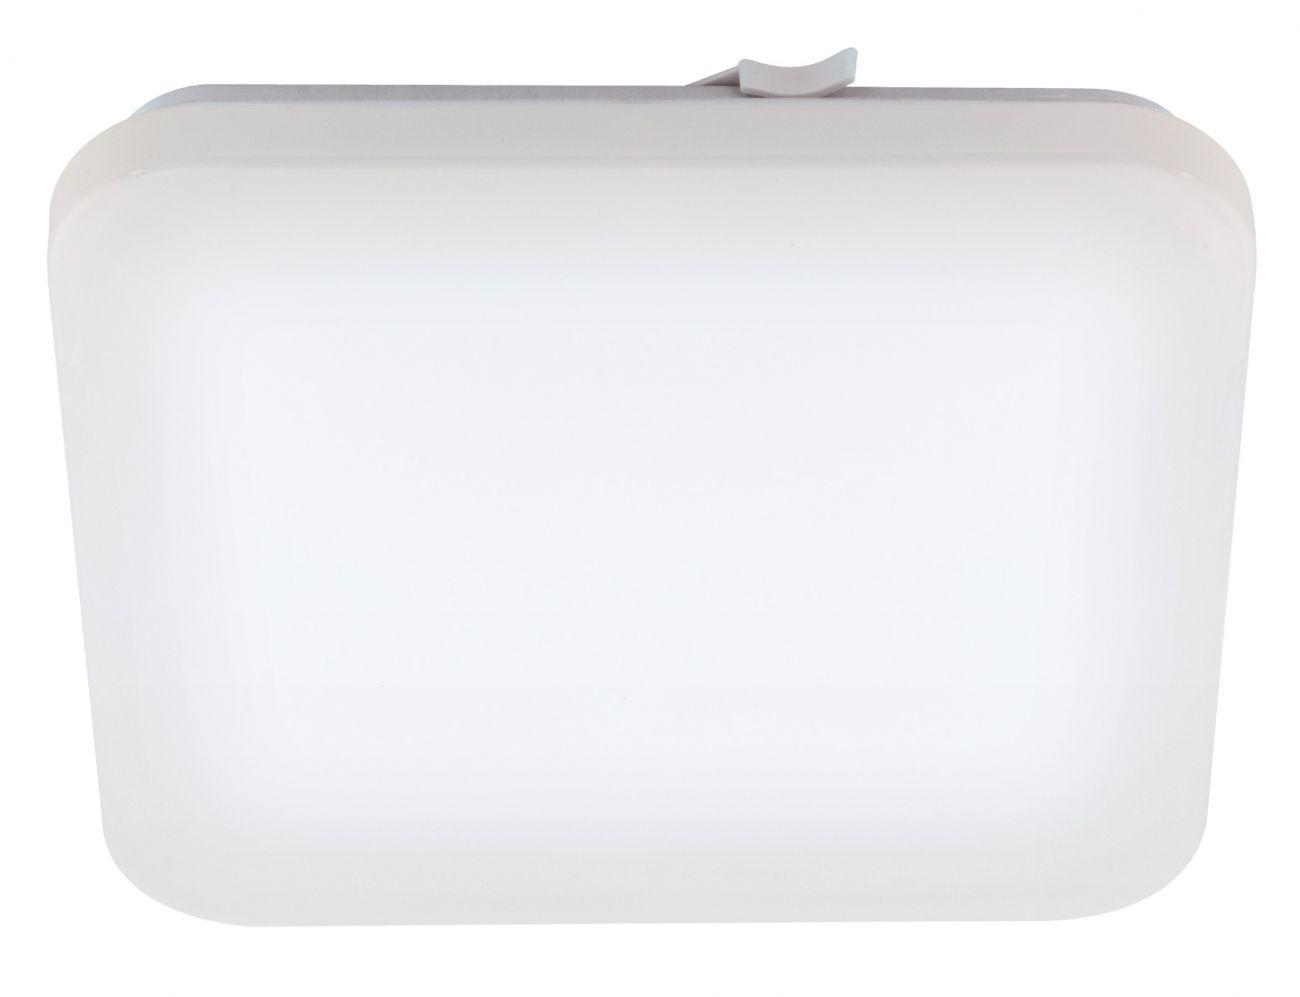 Pafoniera Frania Eglo, 97885, alba, LED 17.3W, Lumina Calda, 2000lm